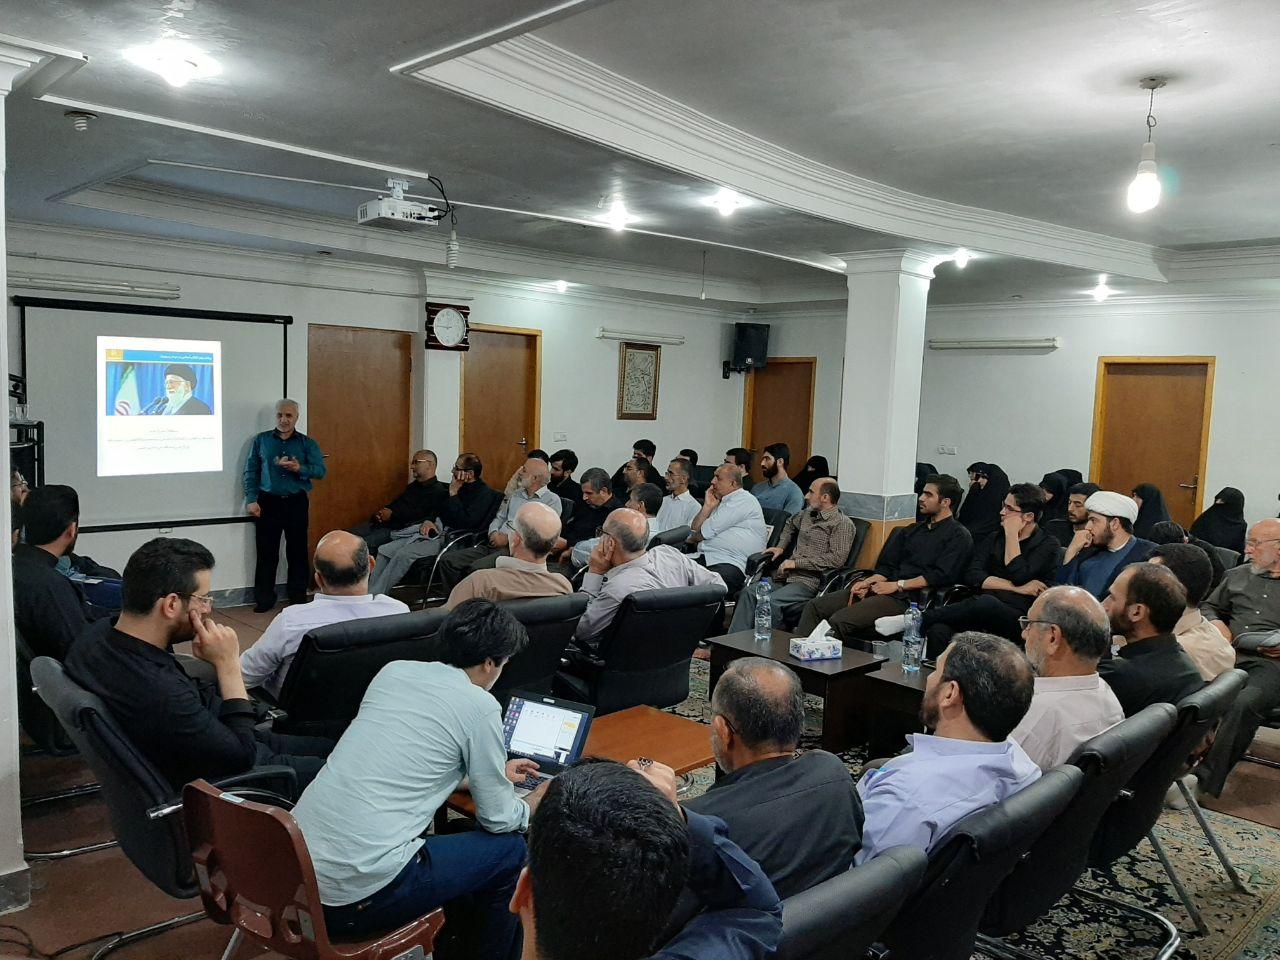 دیدار استاد حسن عباسی با امام جمعه لنگرود و سخنرانی در جلسه نخبگان فرهنگی